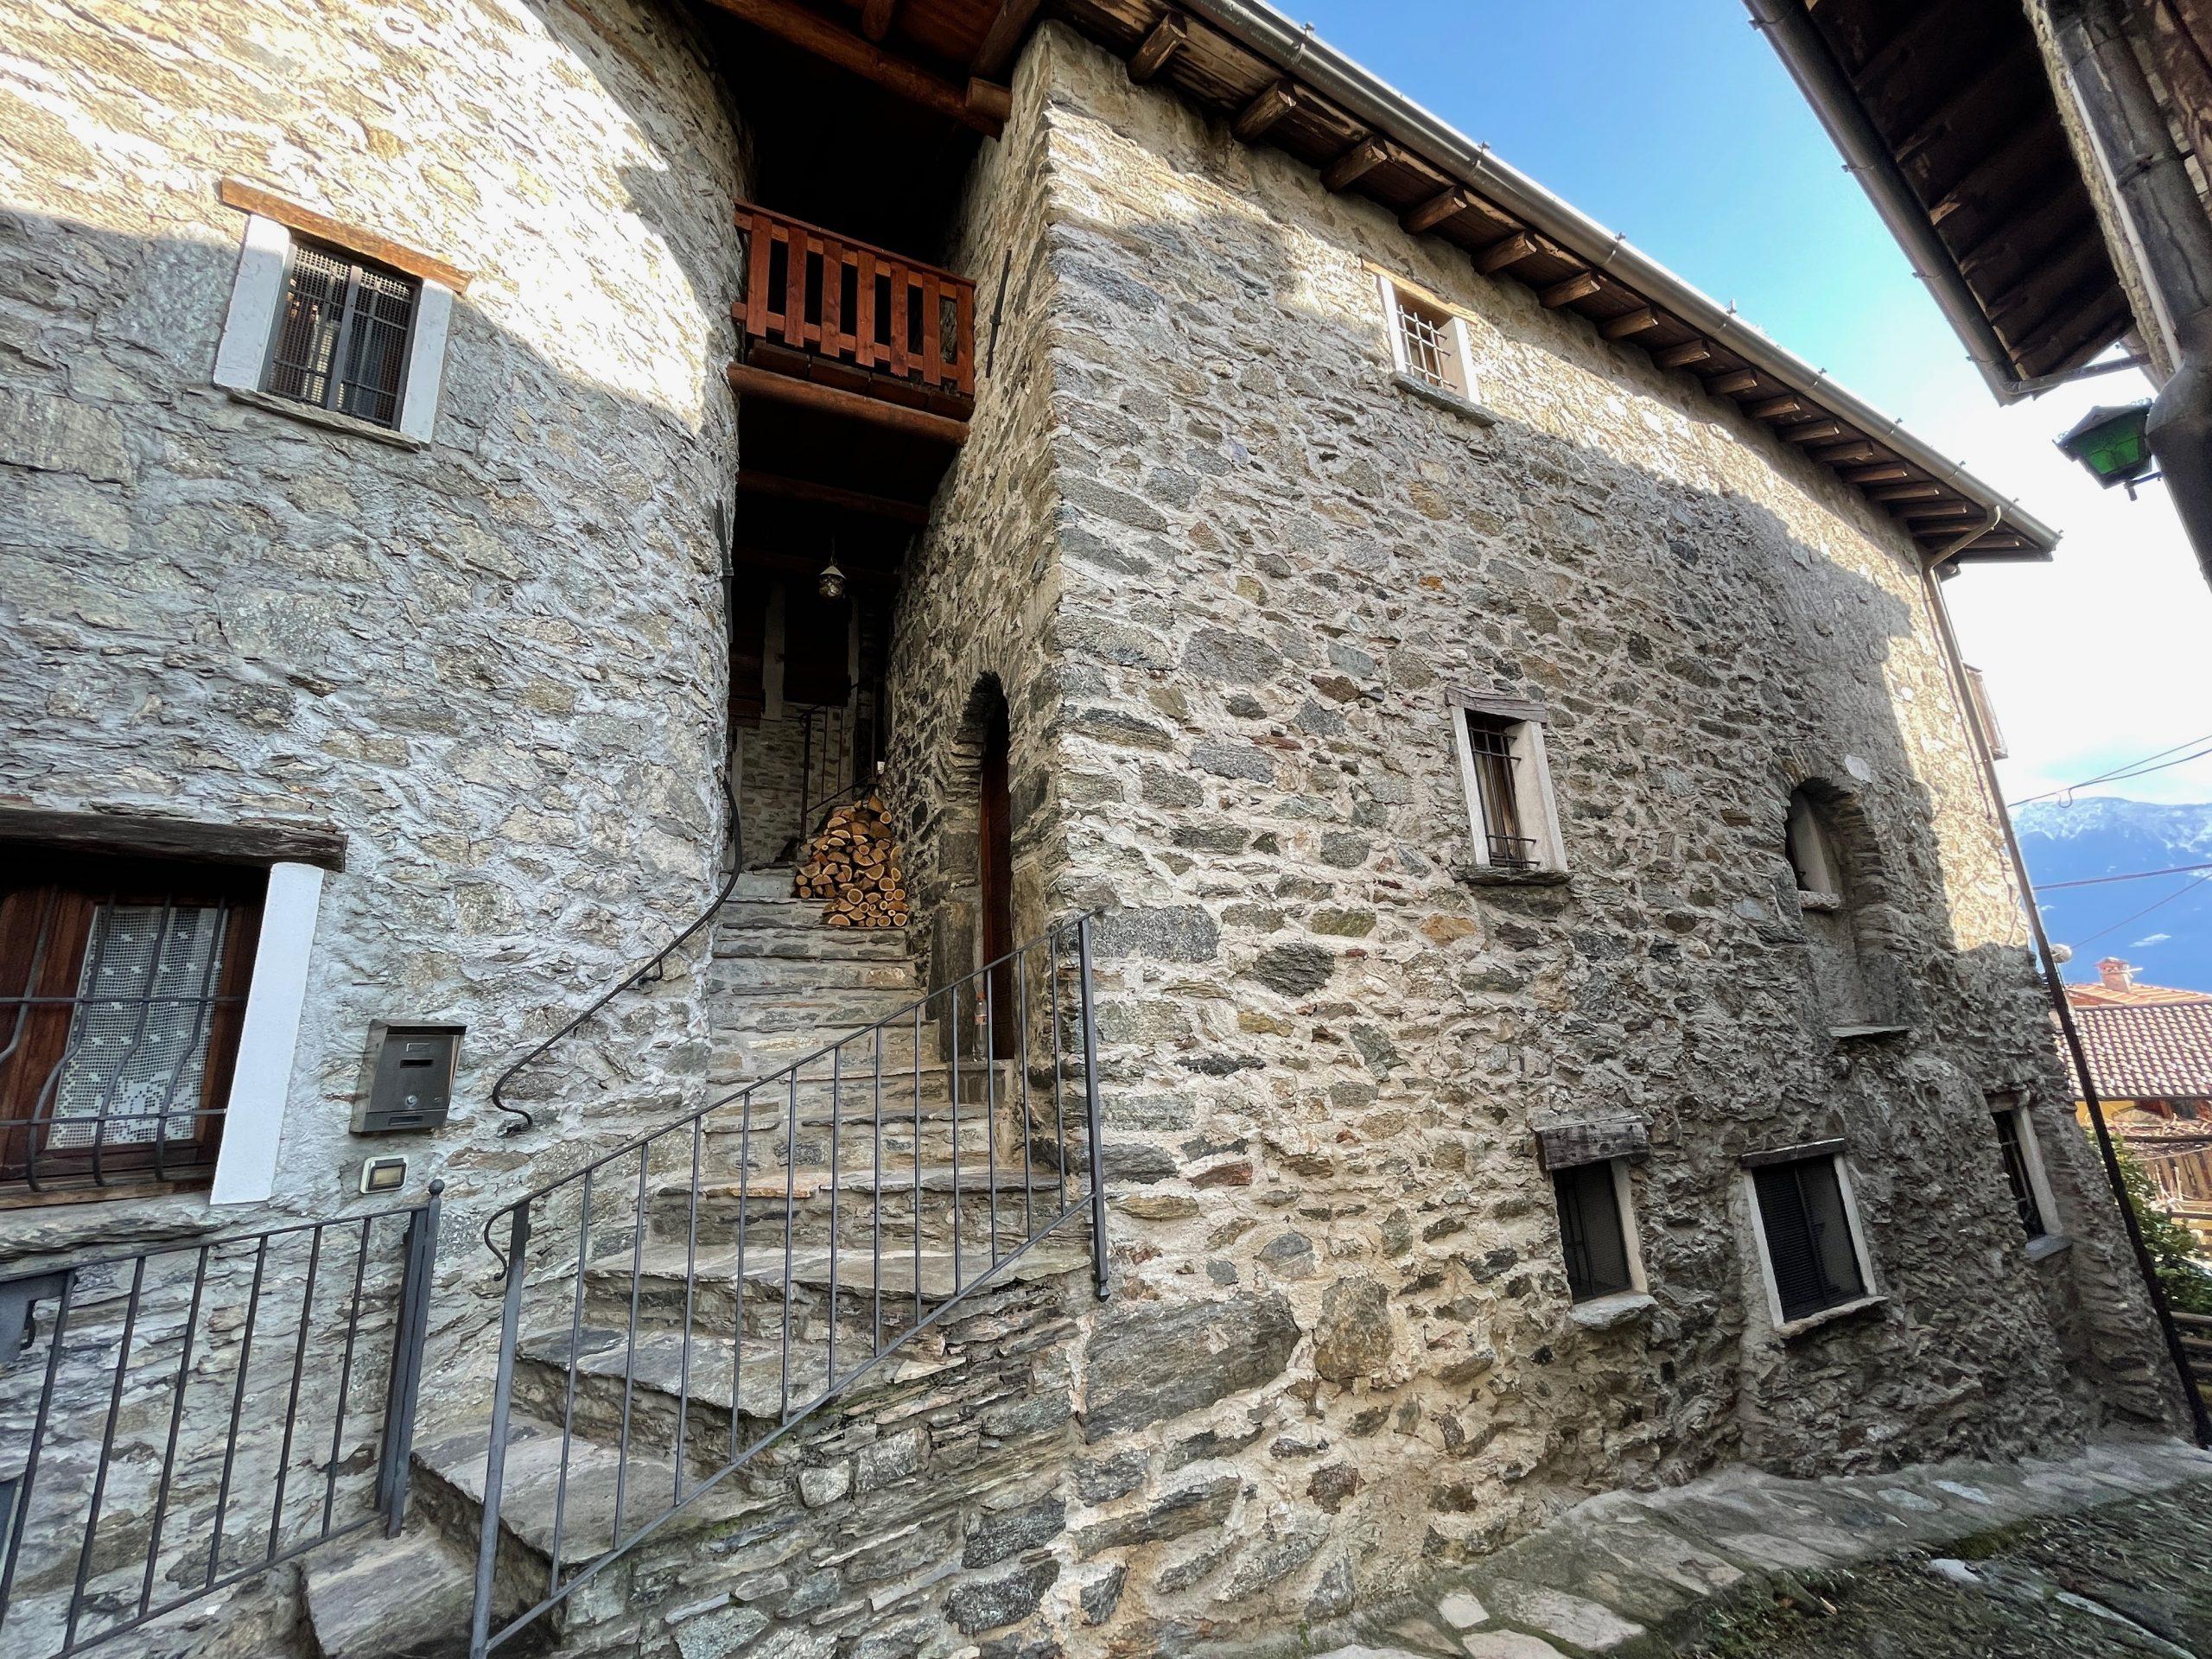 Comer See Domaso Hügelig Renoviert SteinHaus - balkon